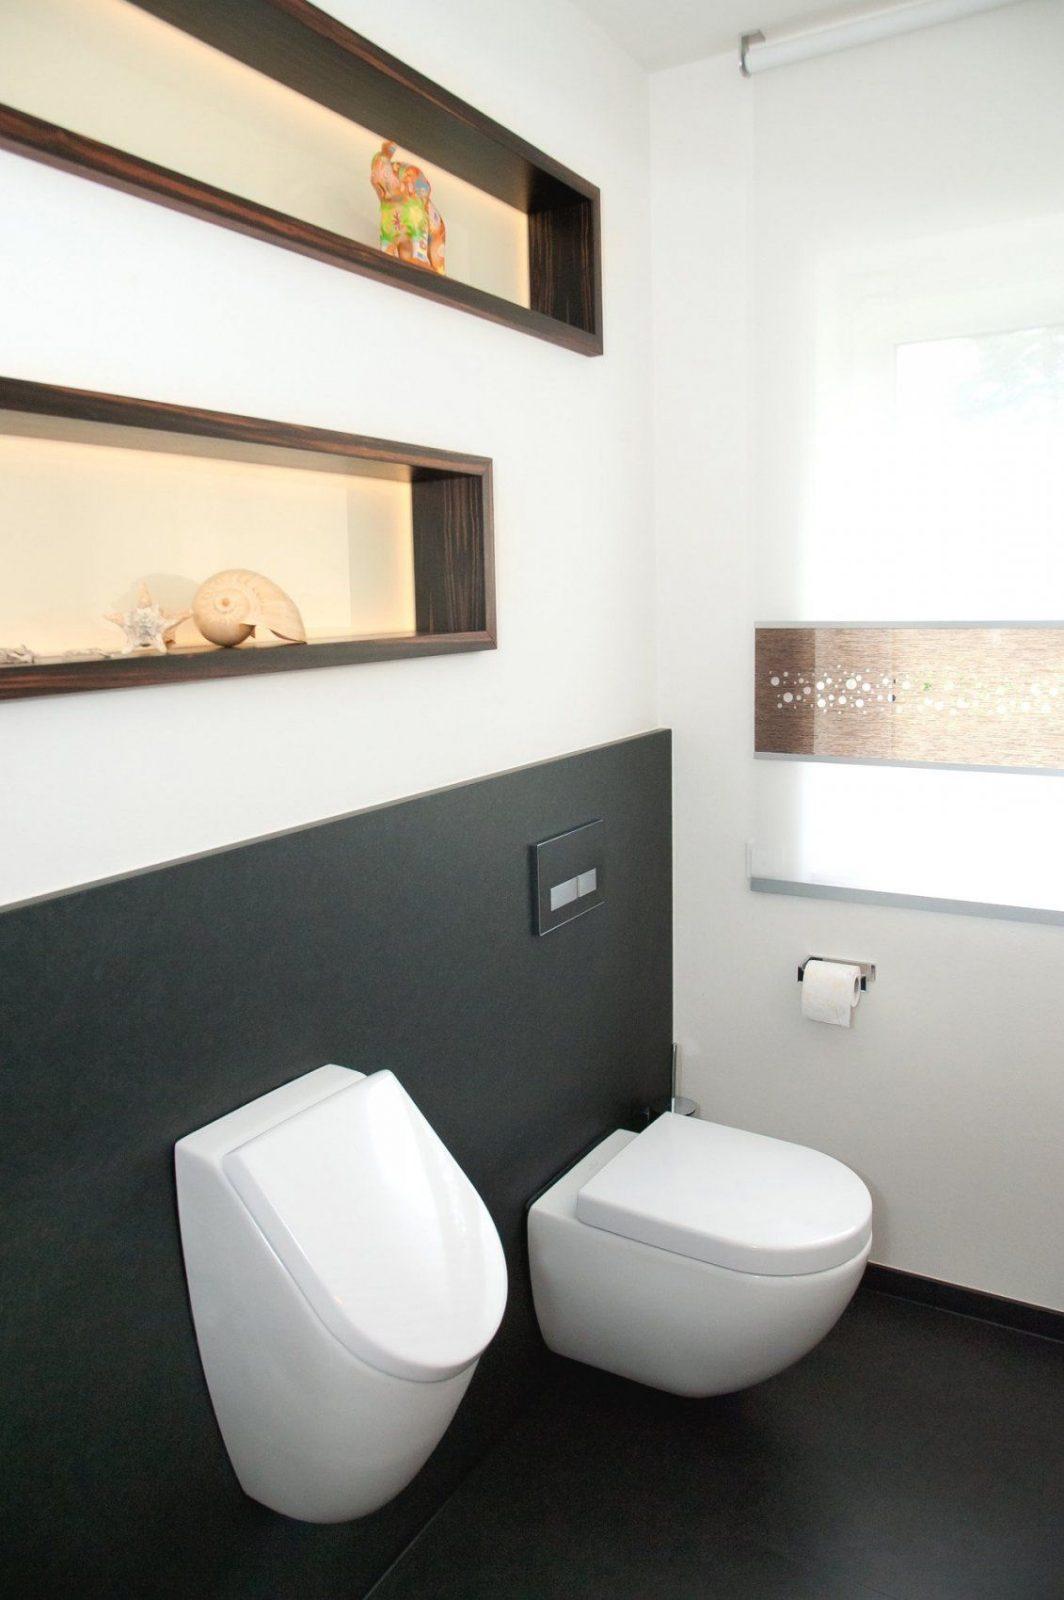 Deko Ideen Gäste Wc Inspirierend Enjoyable Design Ideas Deko Gäste von Deko Ideen Gäste Wc Bild